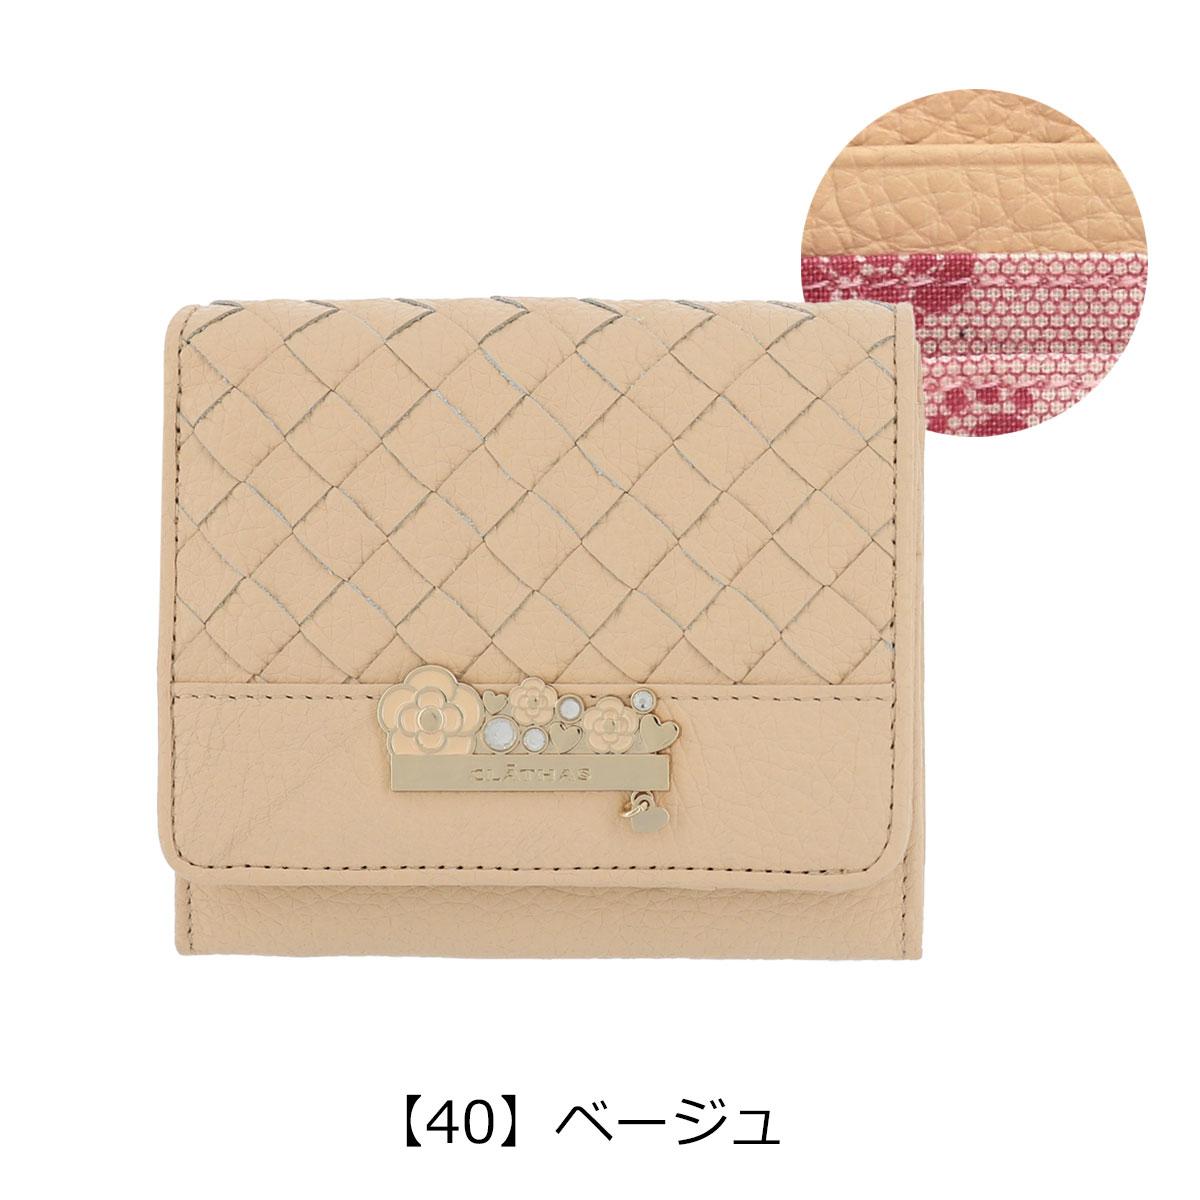 【40】ベージュ